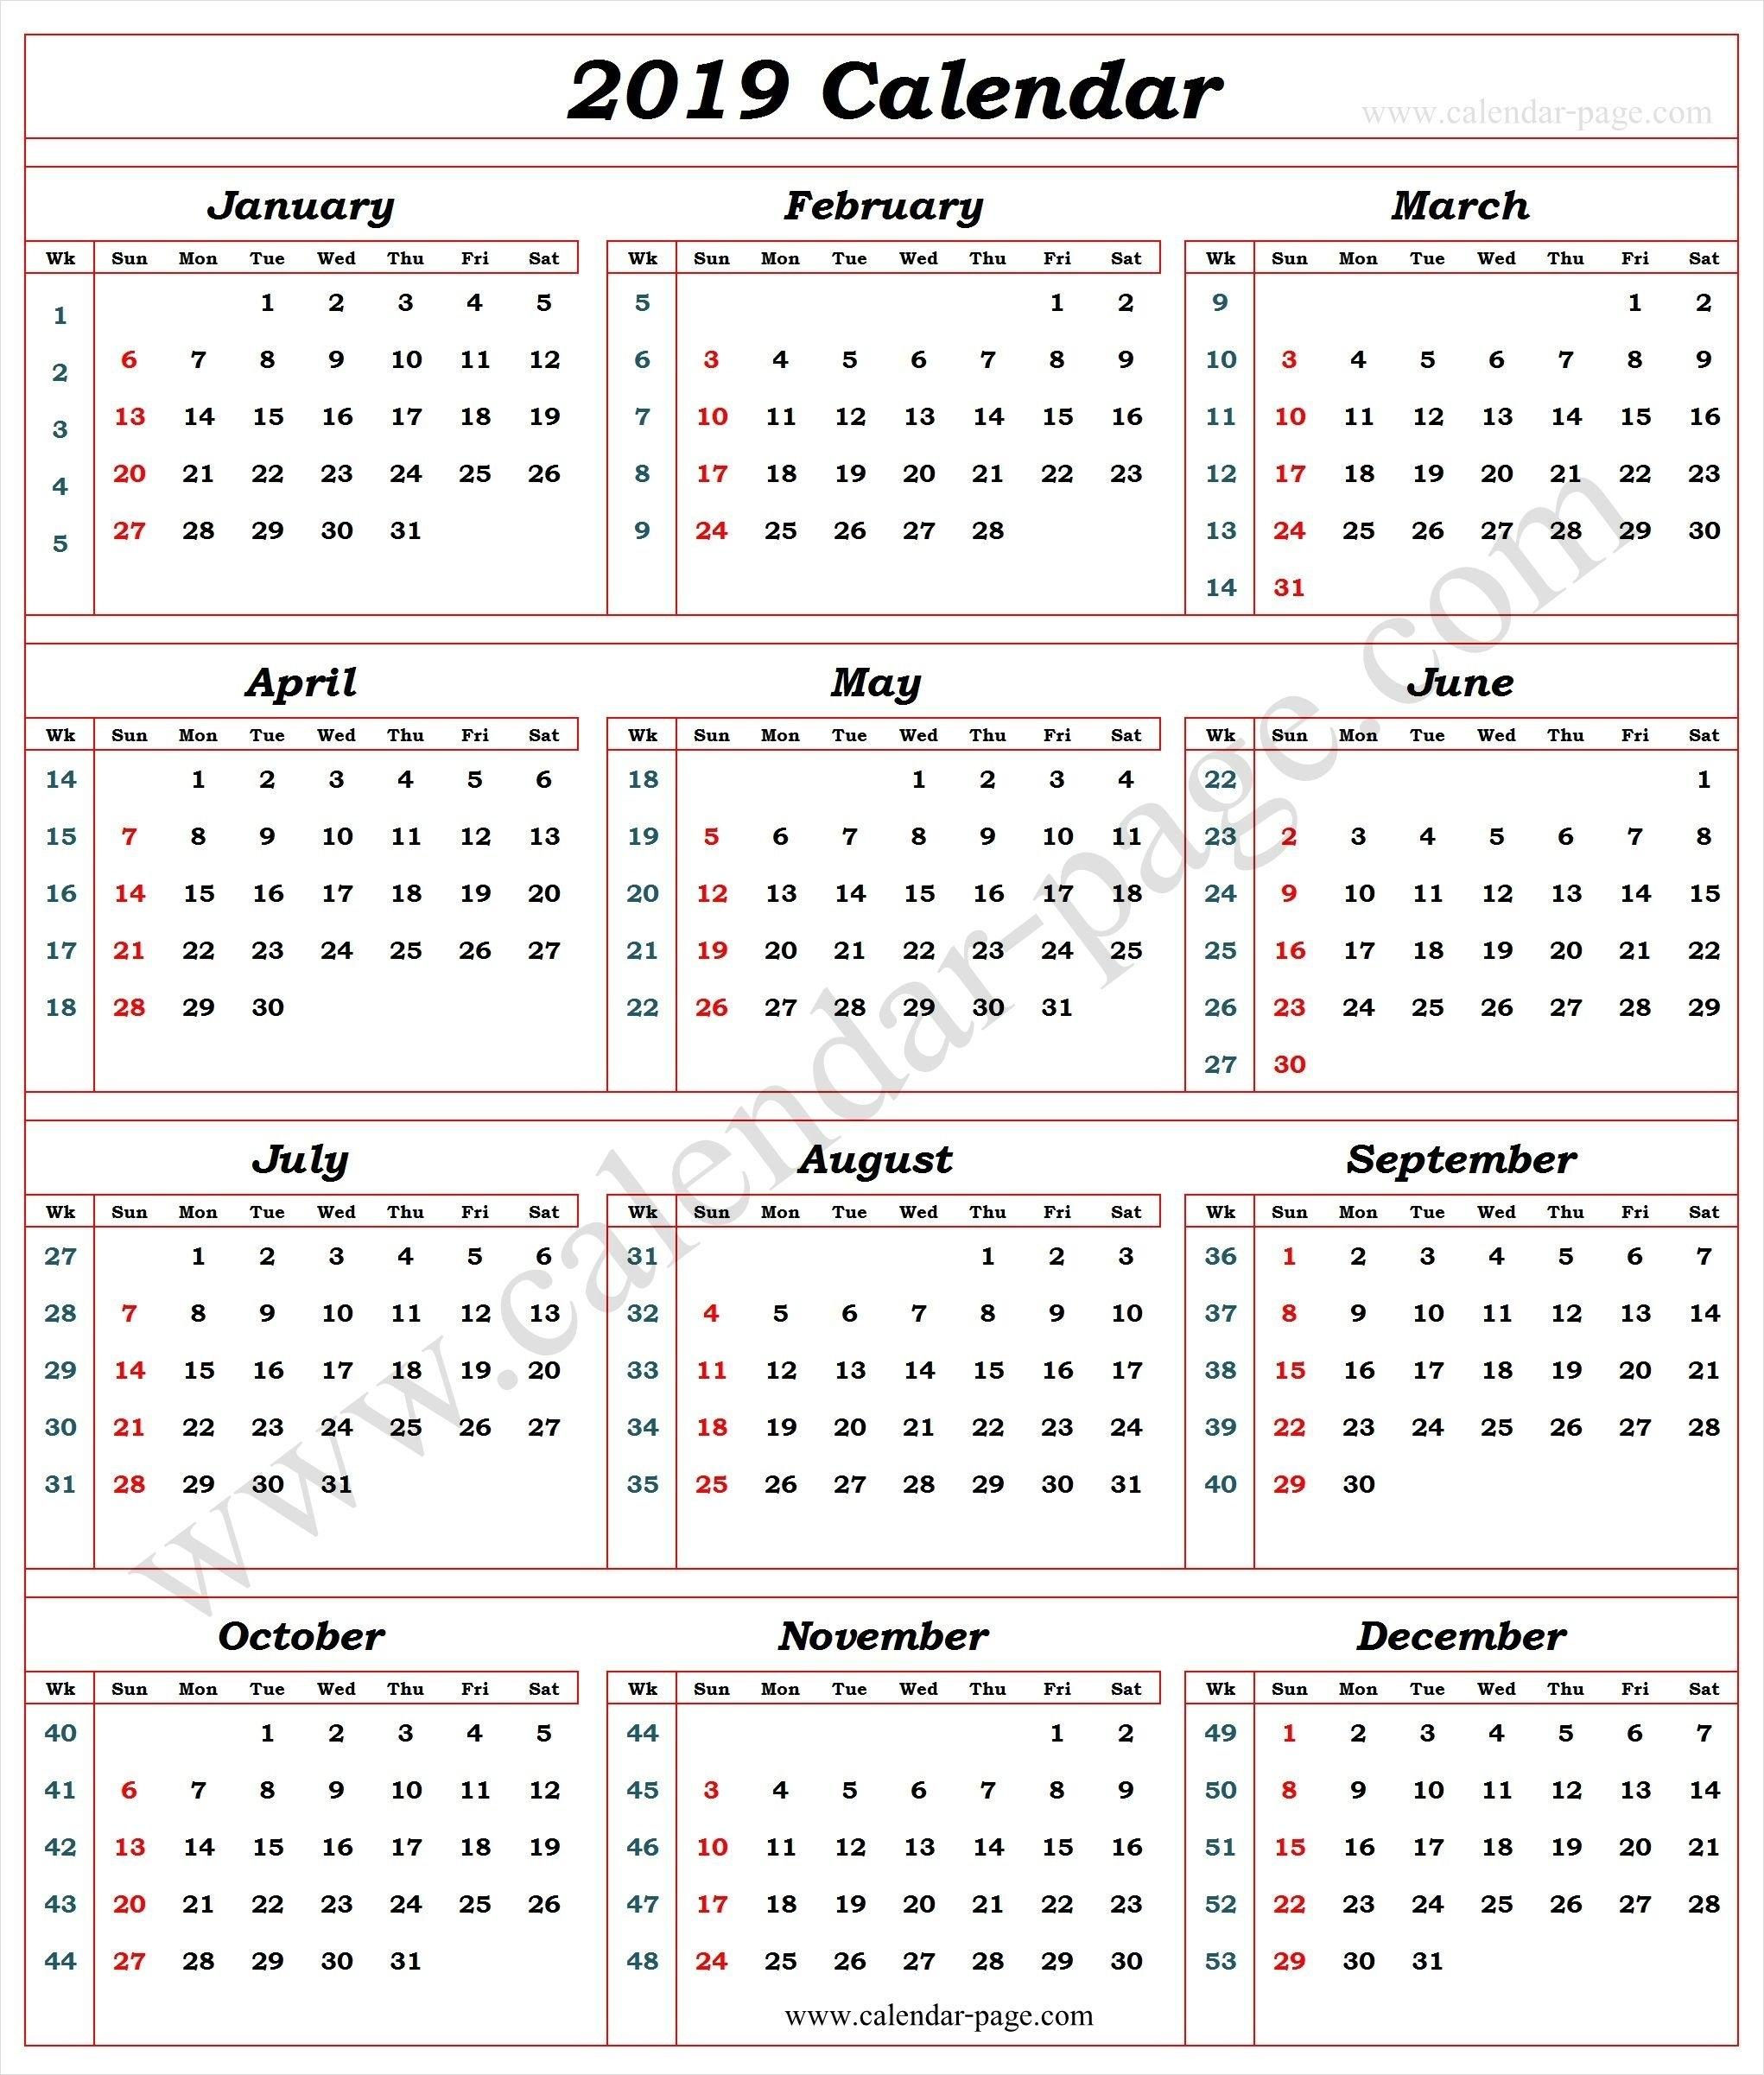 Calendar 2019 With Week Numbers | 2019 Calendar Template | Pinterest Calendar 2019 With Week Numbers